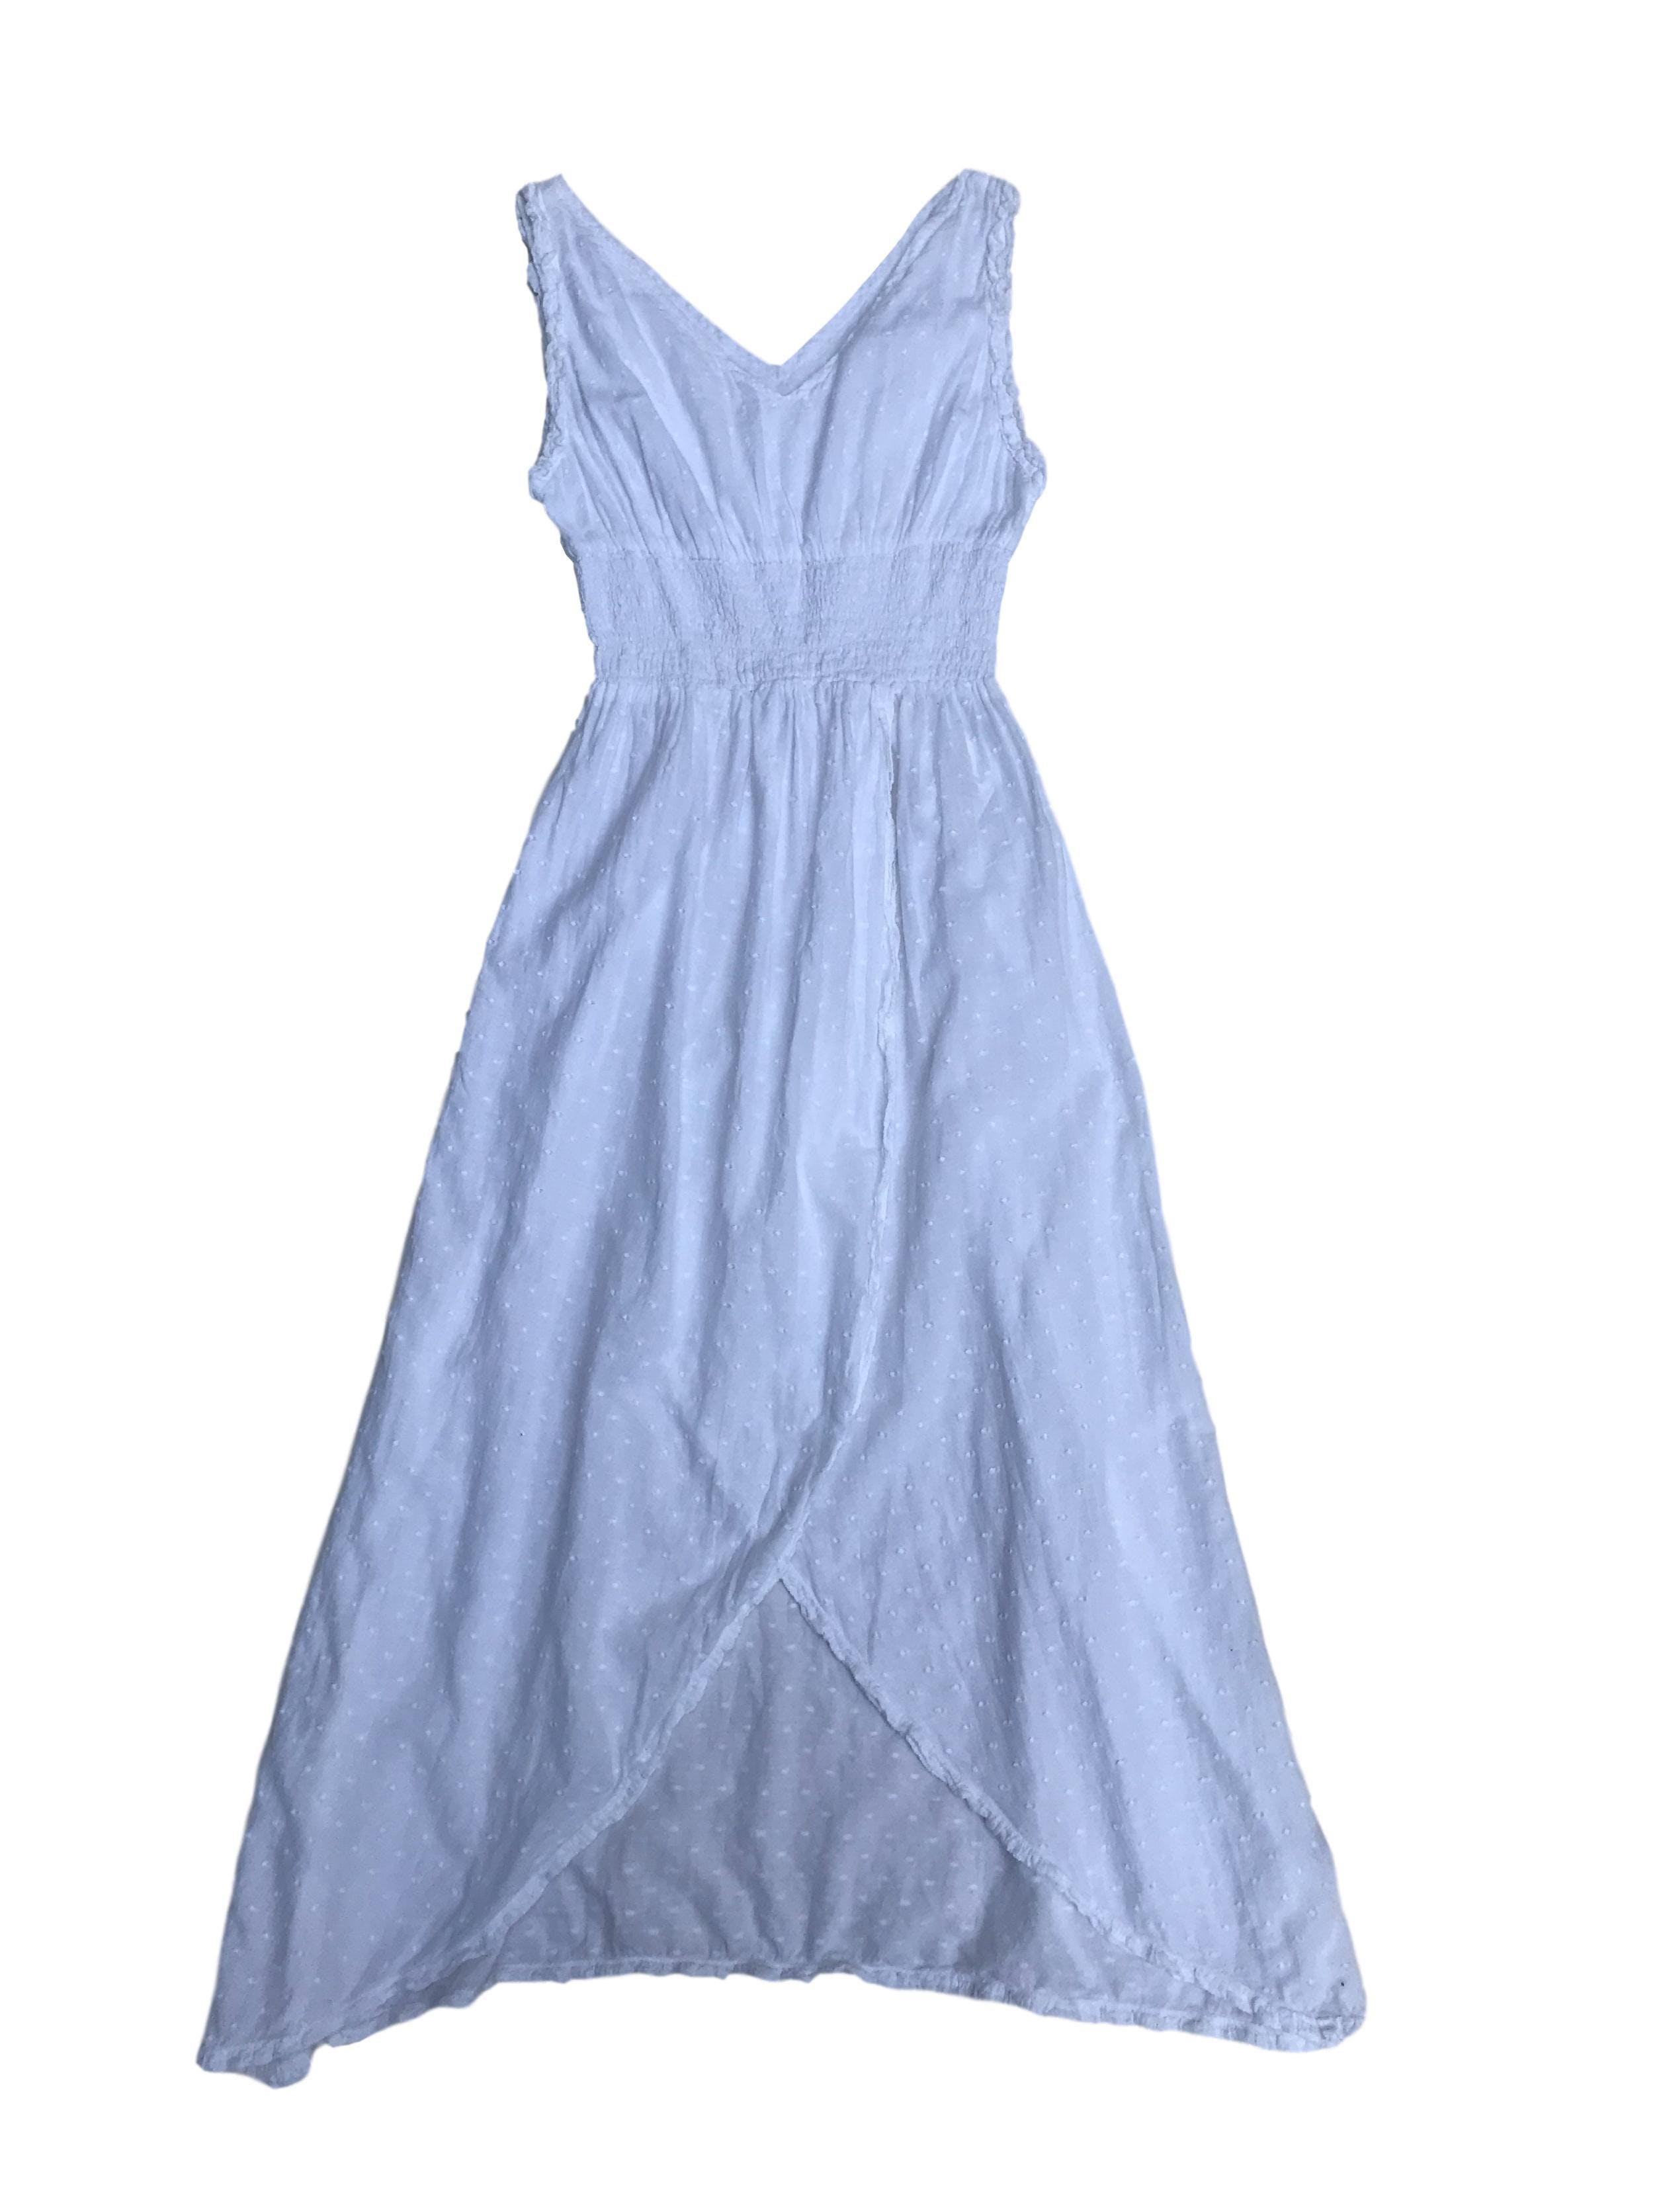 Vestido de algodón blanco con textura de puntos, panal de abeja en la cintura y falda cruzada. Largo 120cm